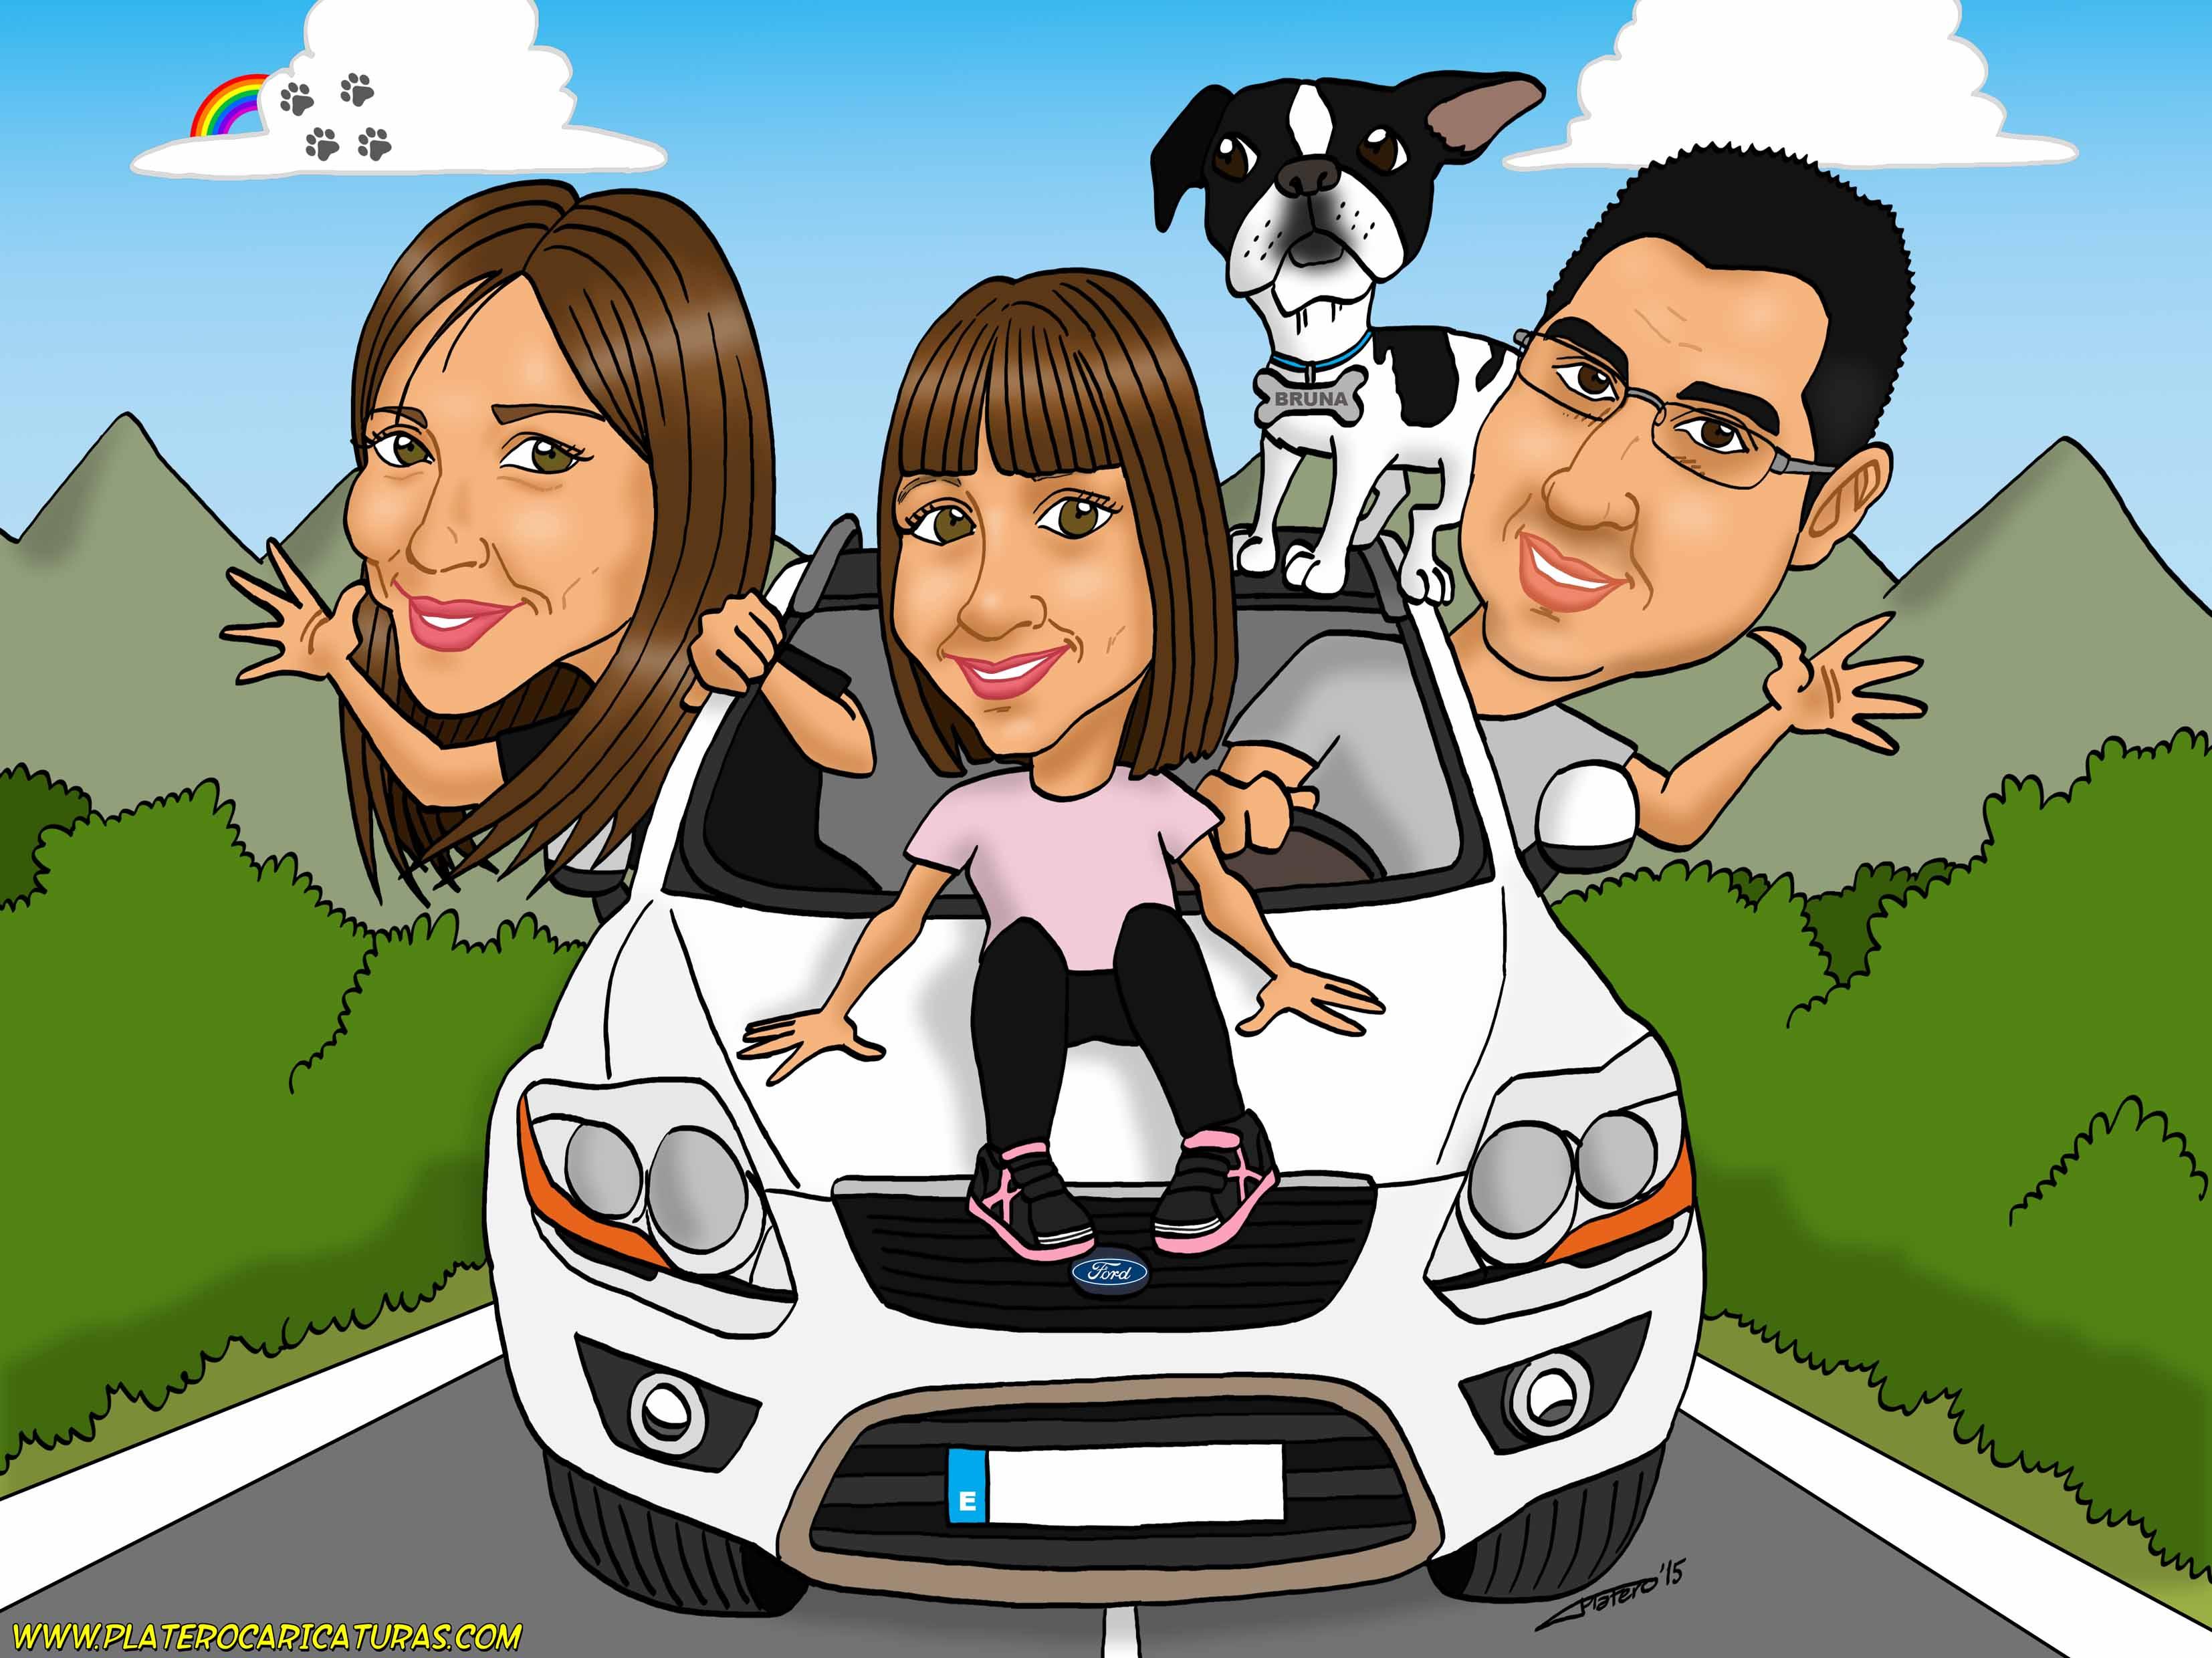 caricaturas_a_color_por_encargo_personalizadas_pareja_con_perro_en_coche_platerocaricaturas_elmundod